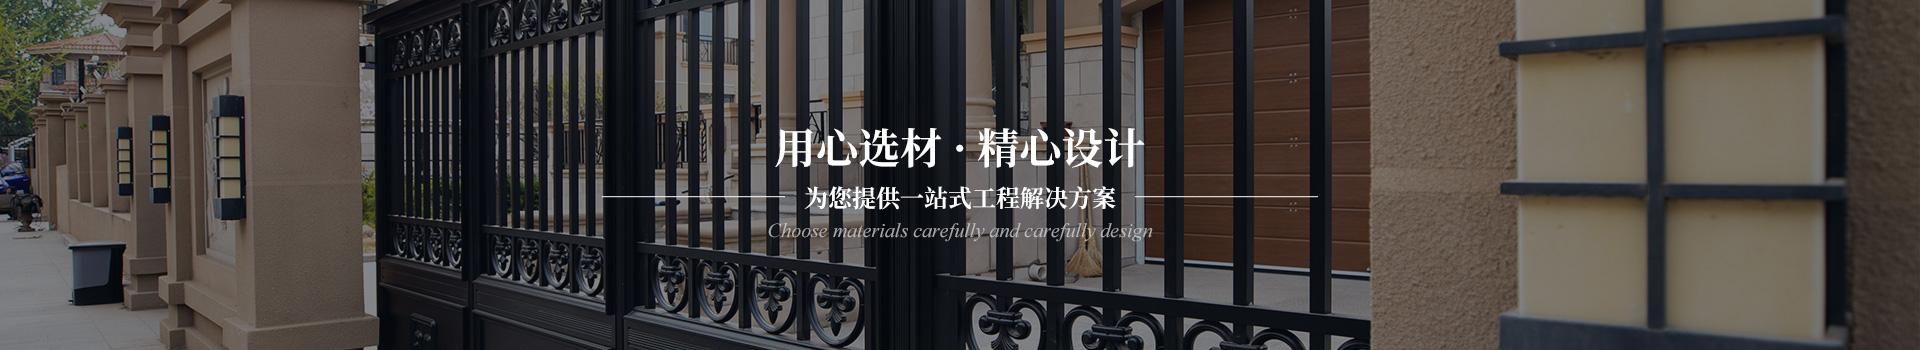 铜辉门窗,为您提供一站式工程解决方案